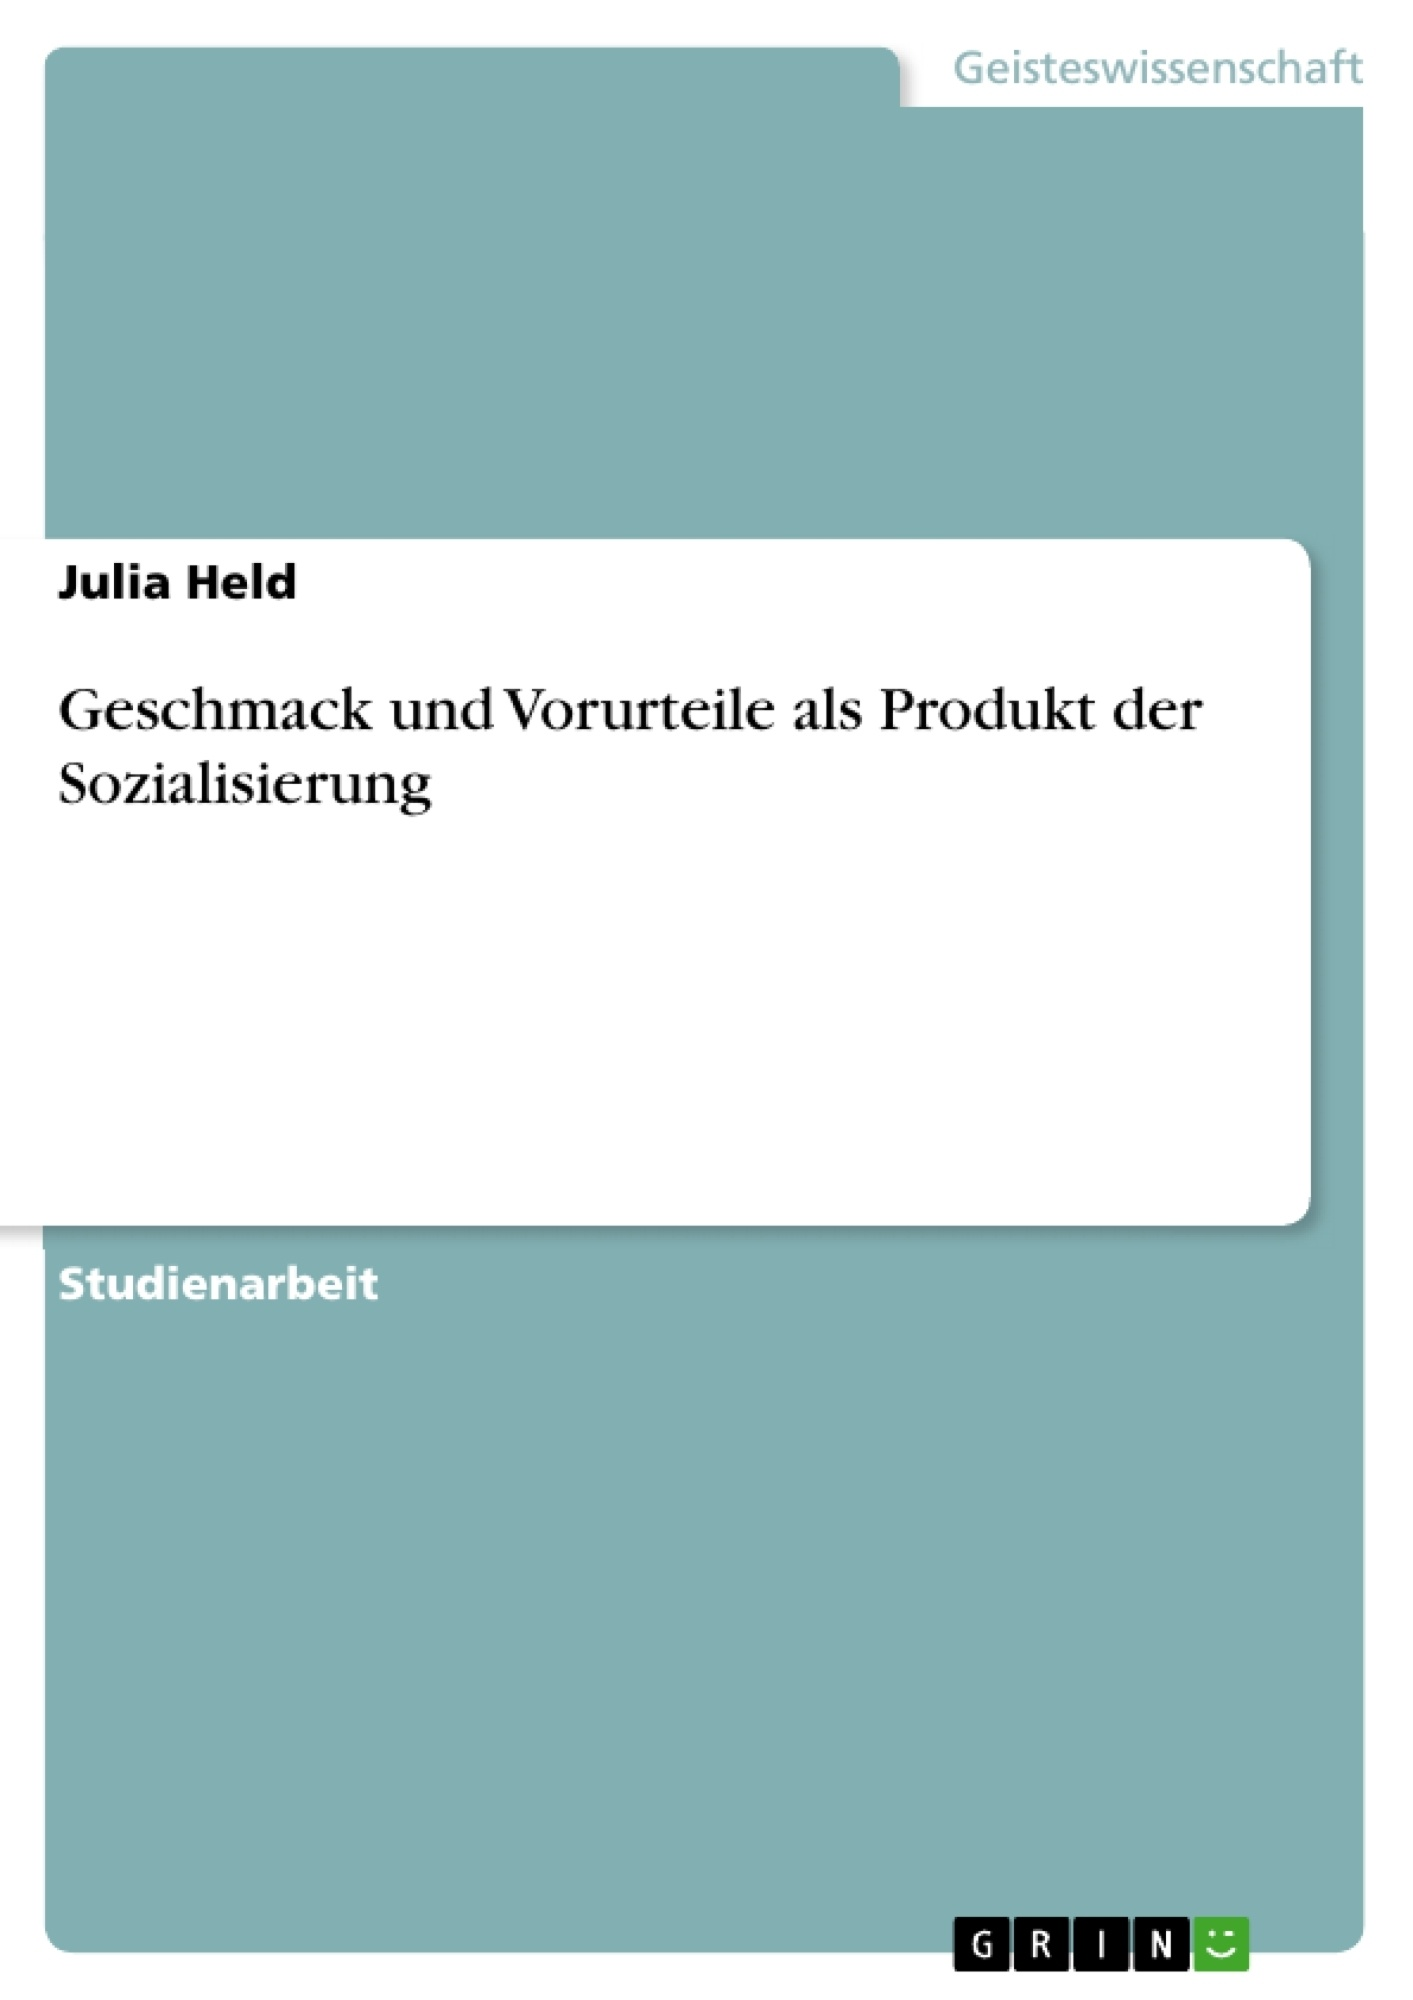 Titel: Geschmack und Vorurteile als Produkt der Sozialisierung